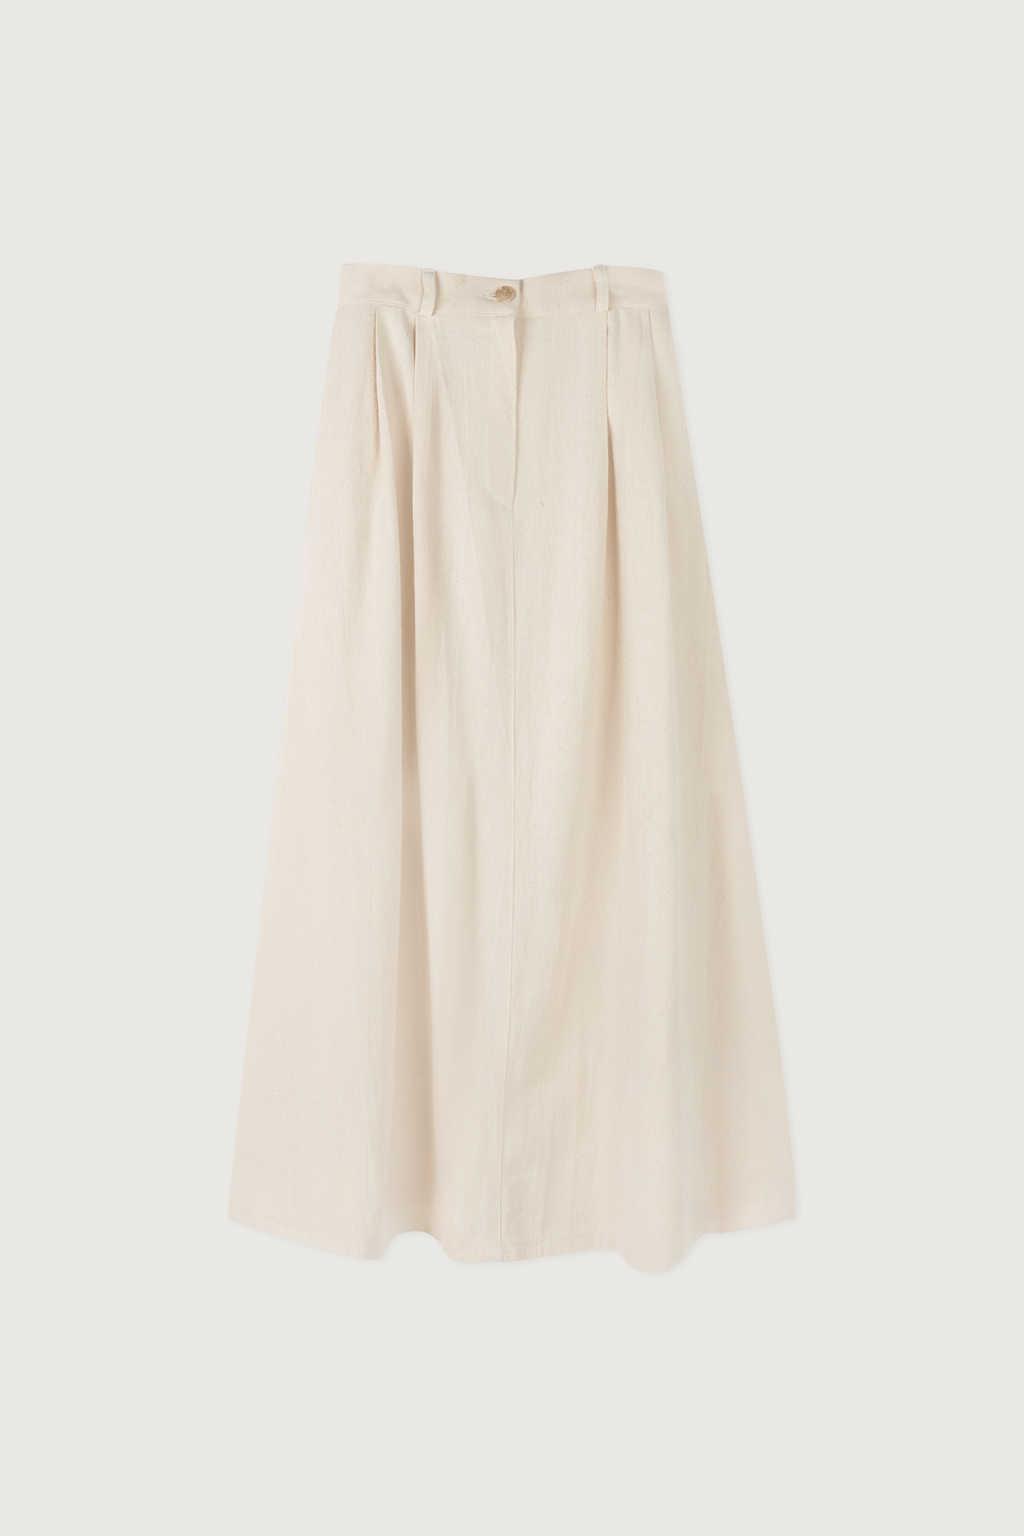 Skirt K006 Cream 5